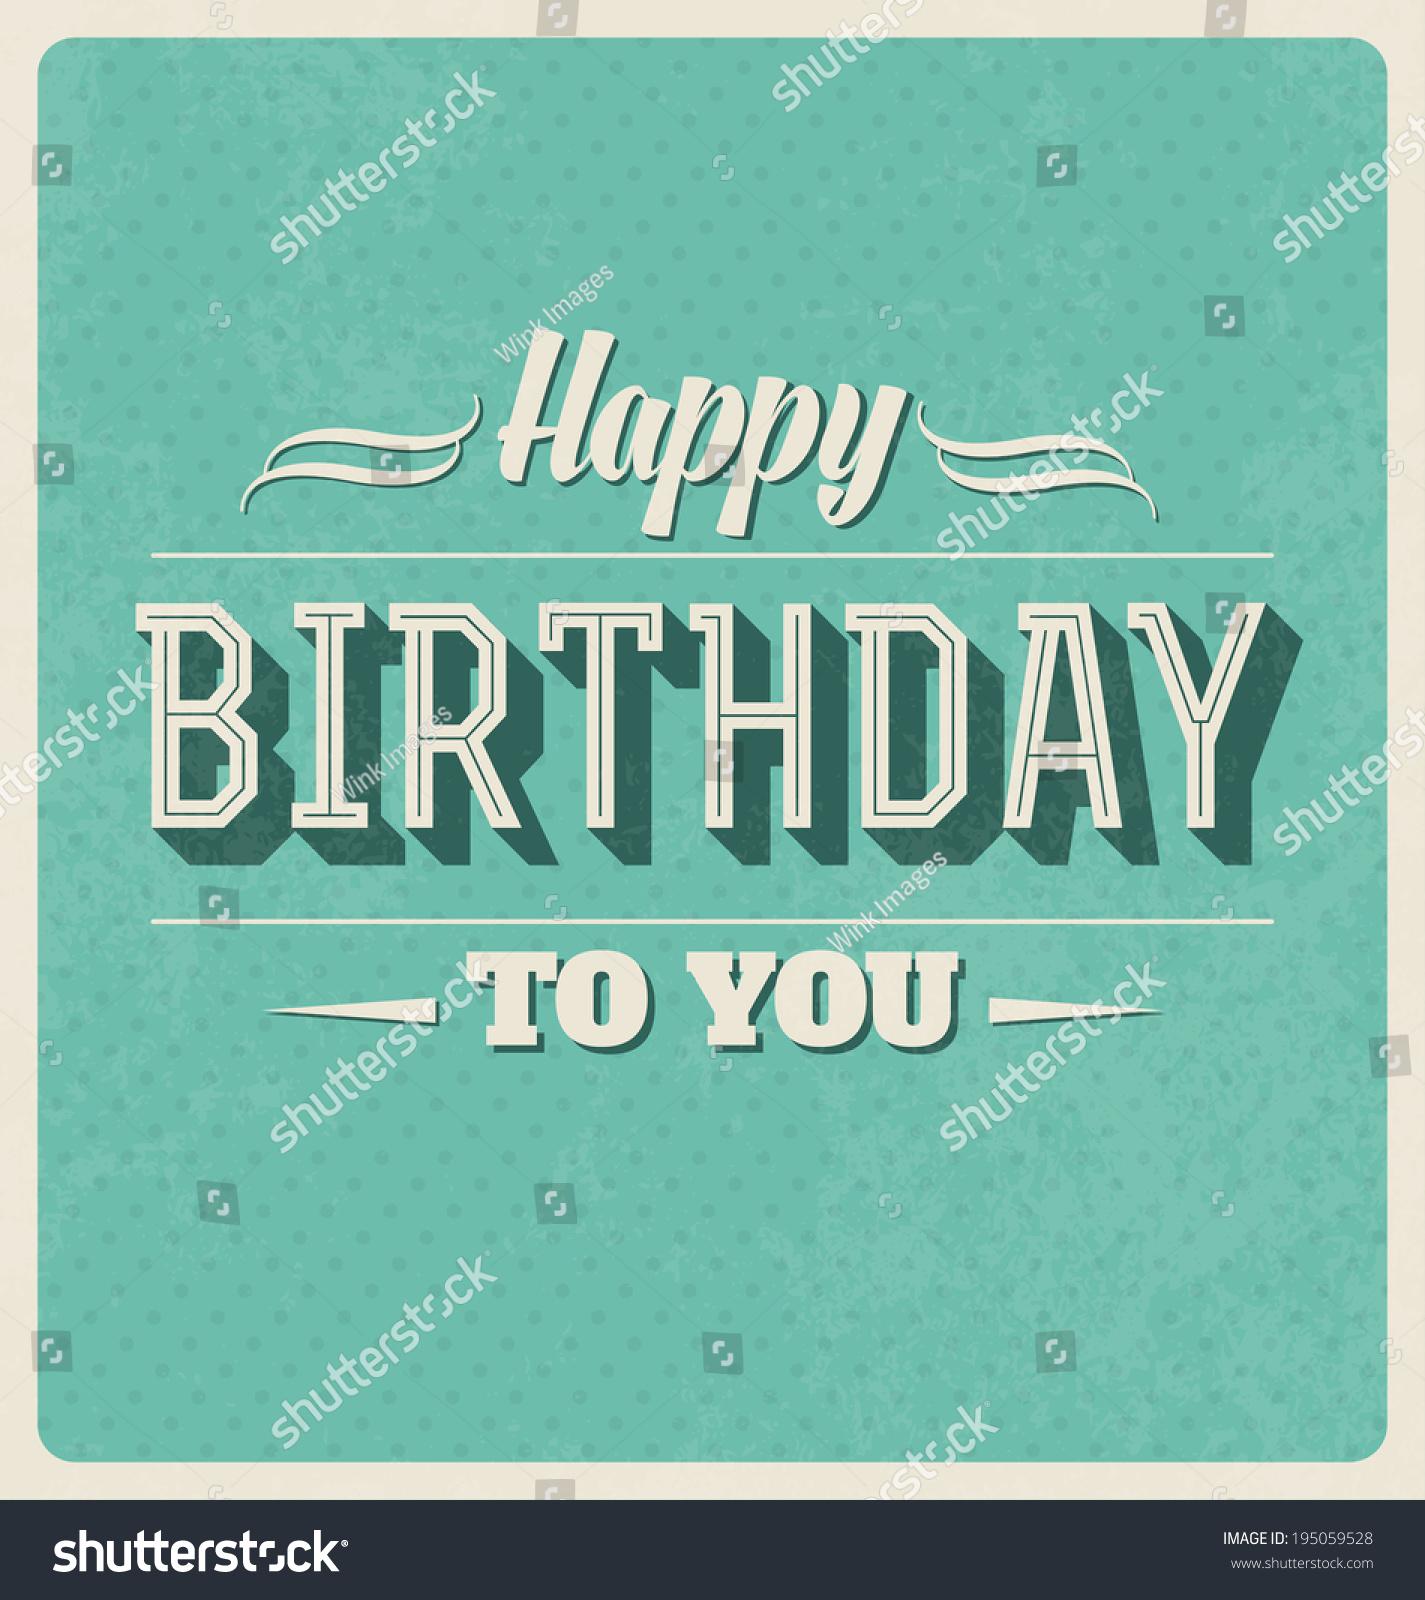 Bildergebnis für Birthday Card Retro